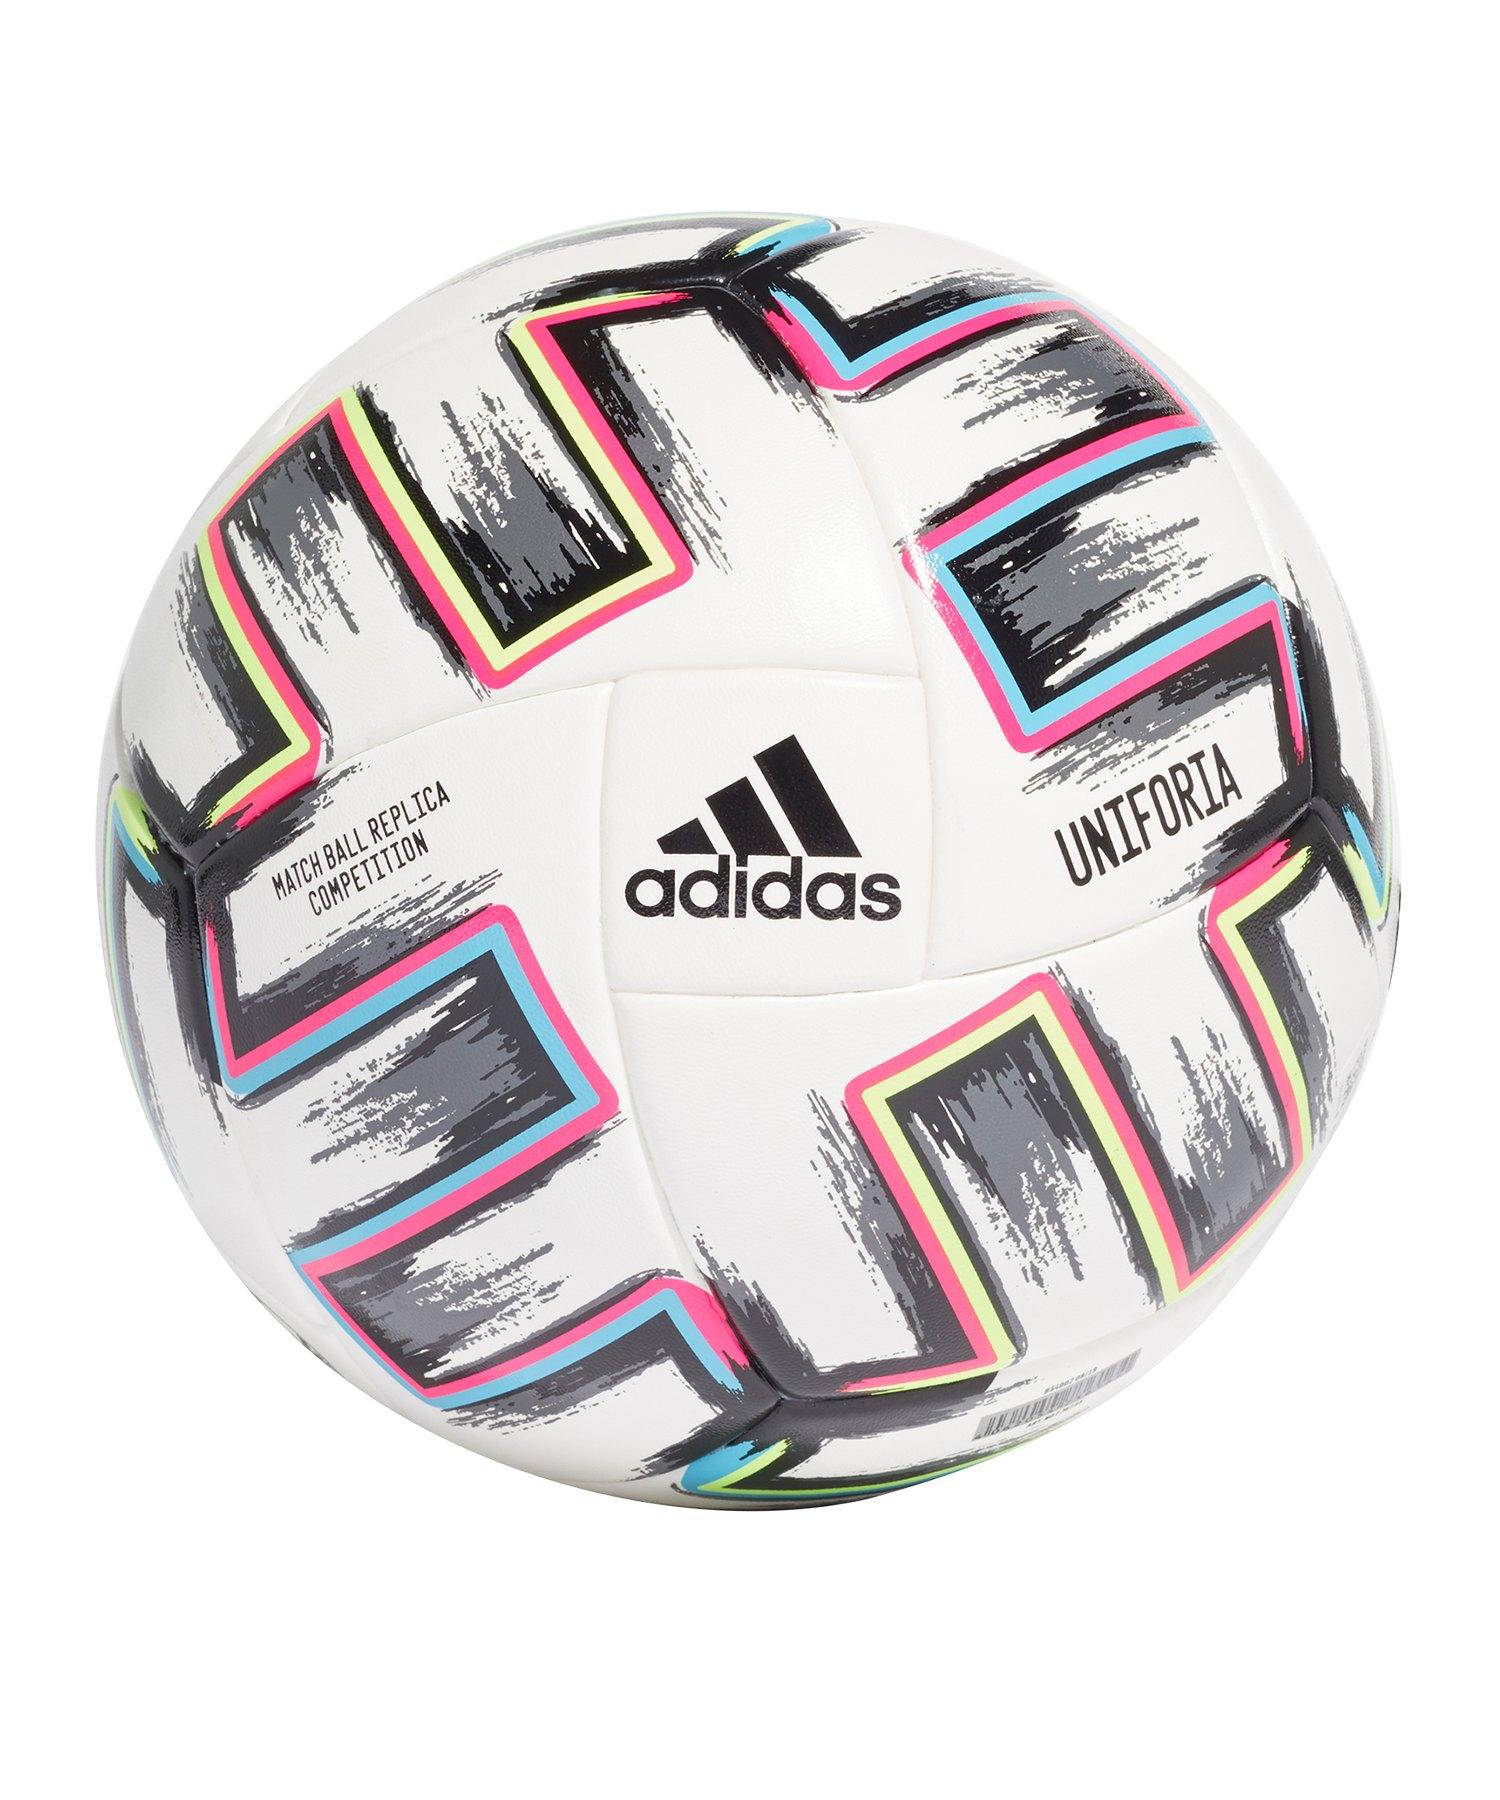 adidas Com Uniforia Spielball Weiss - weiss